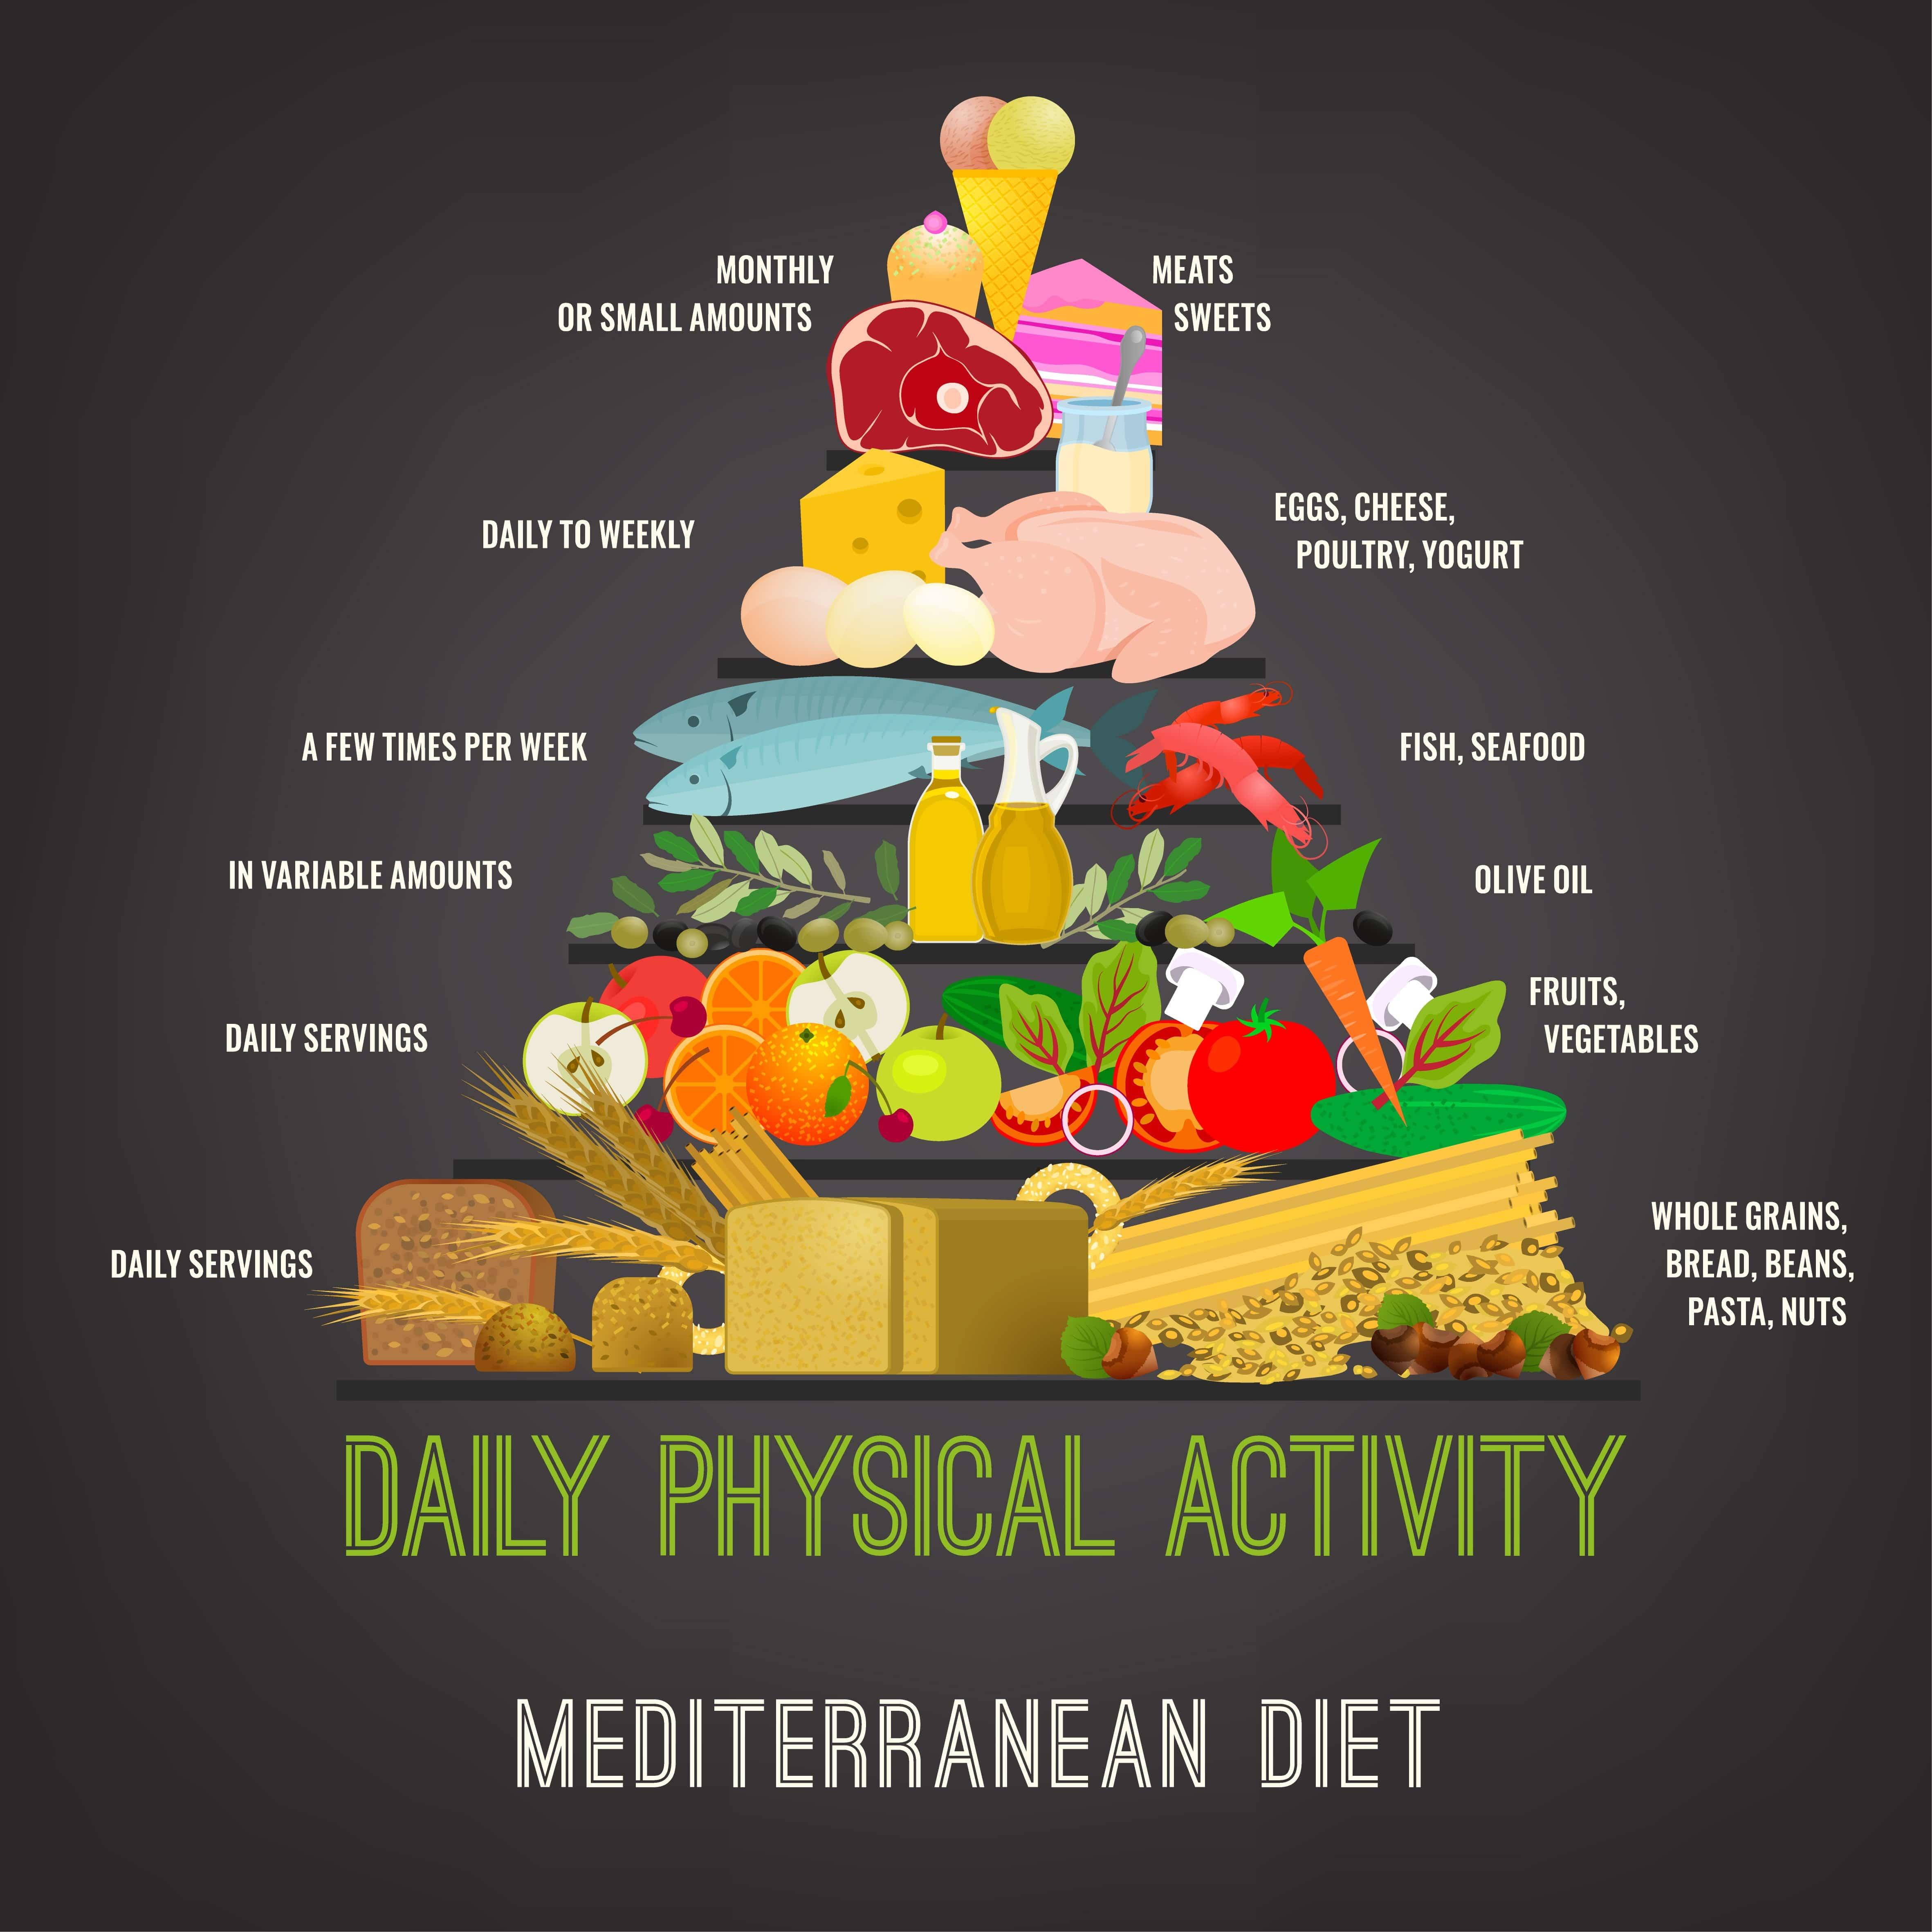 Is the Mediterranean Diet Gluten Free?